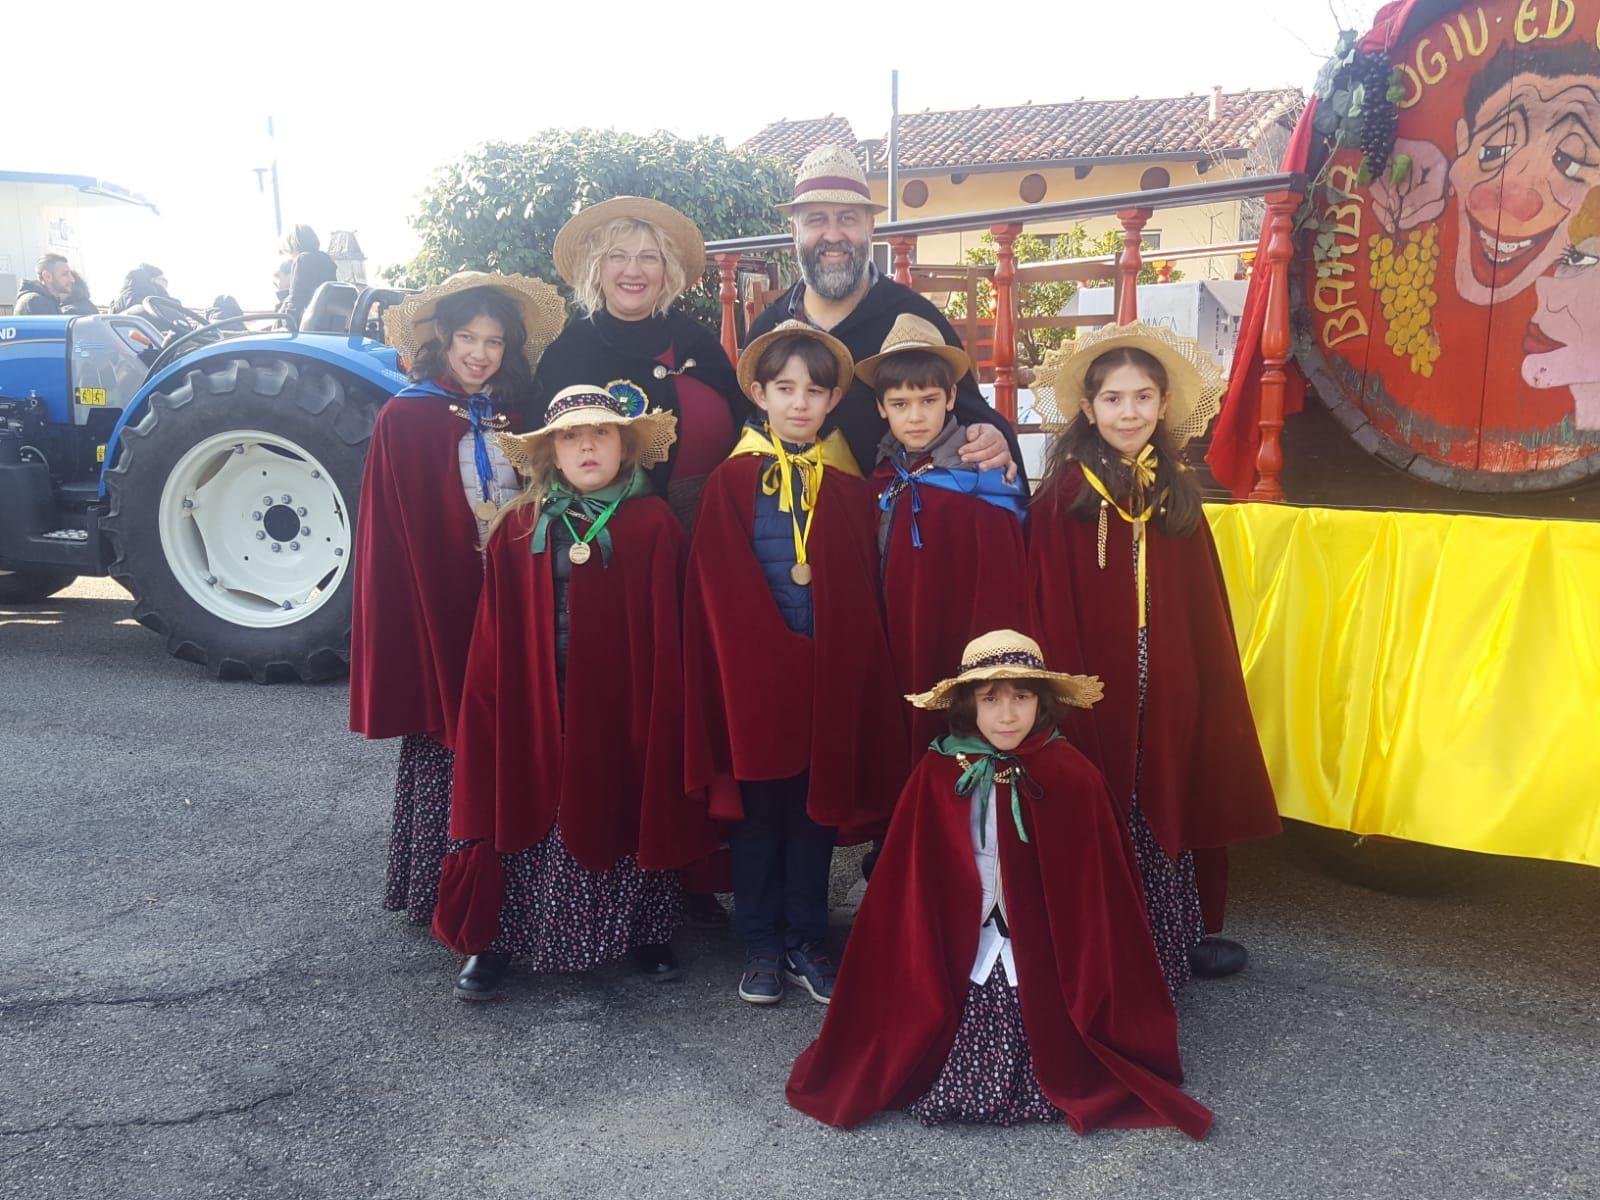 CUCEGLIO - Un'edizione tra gli applausi per il Carnevale del paese